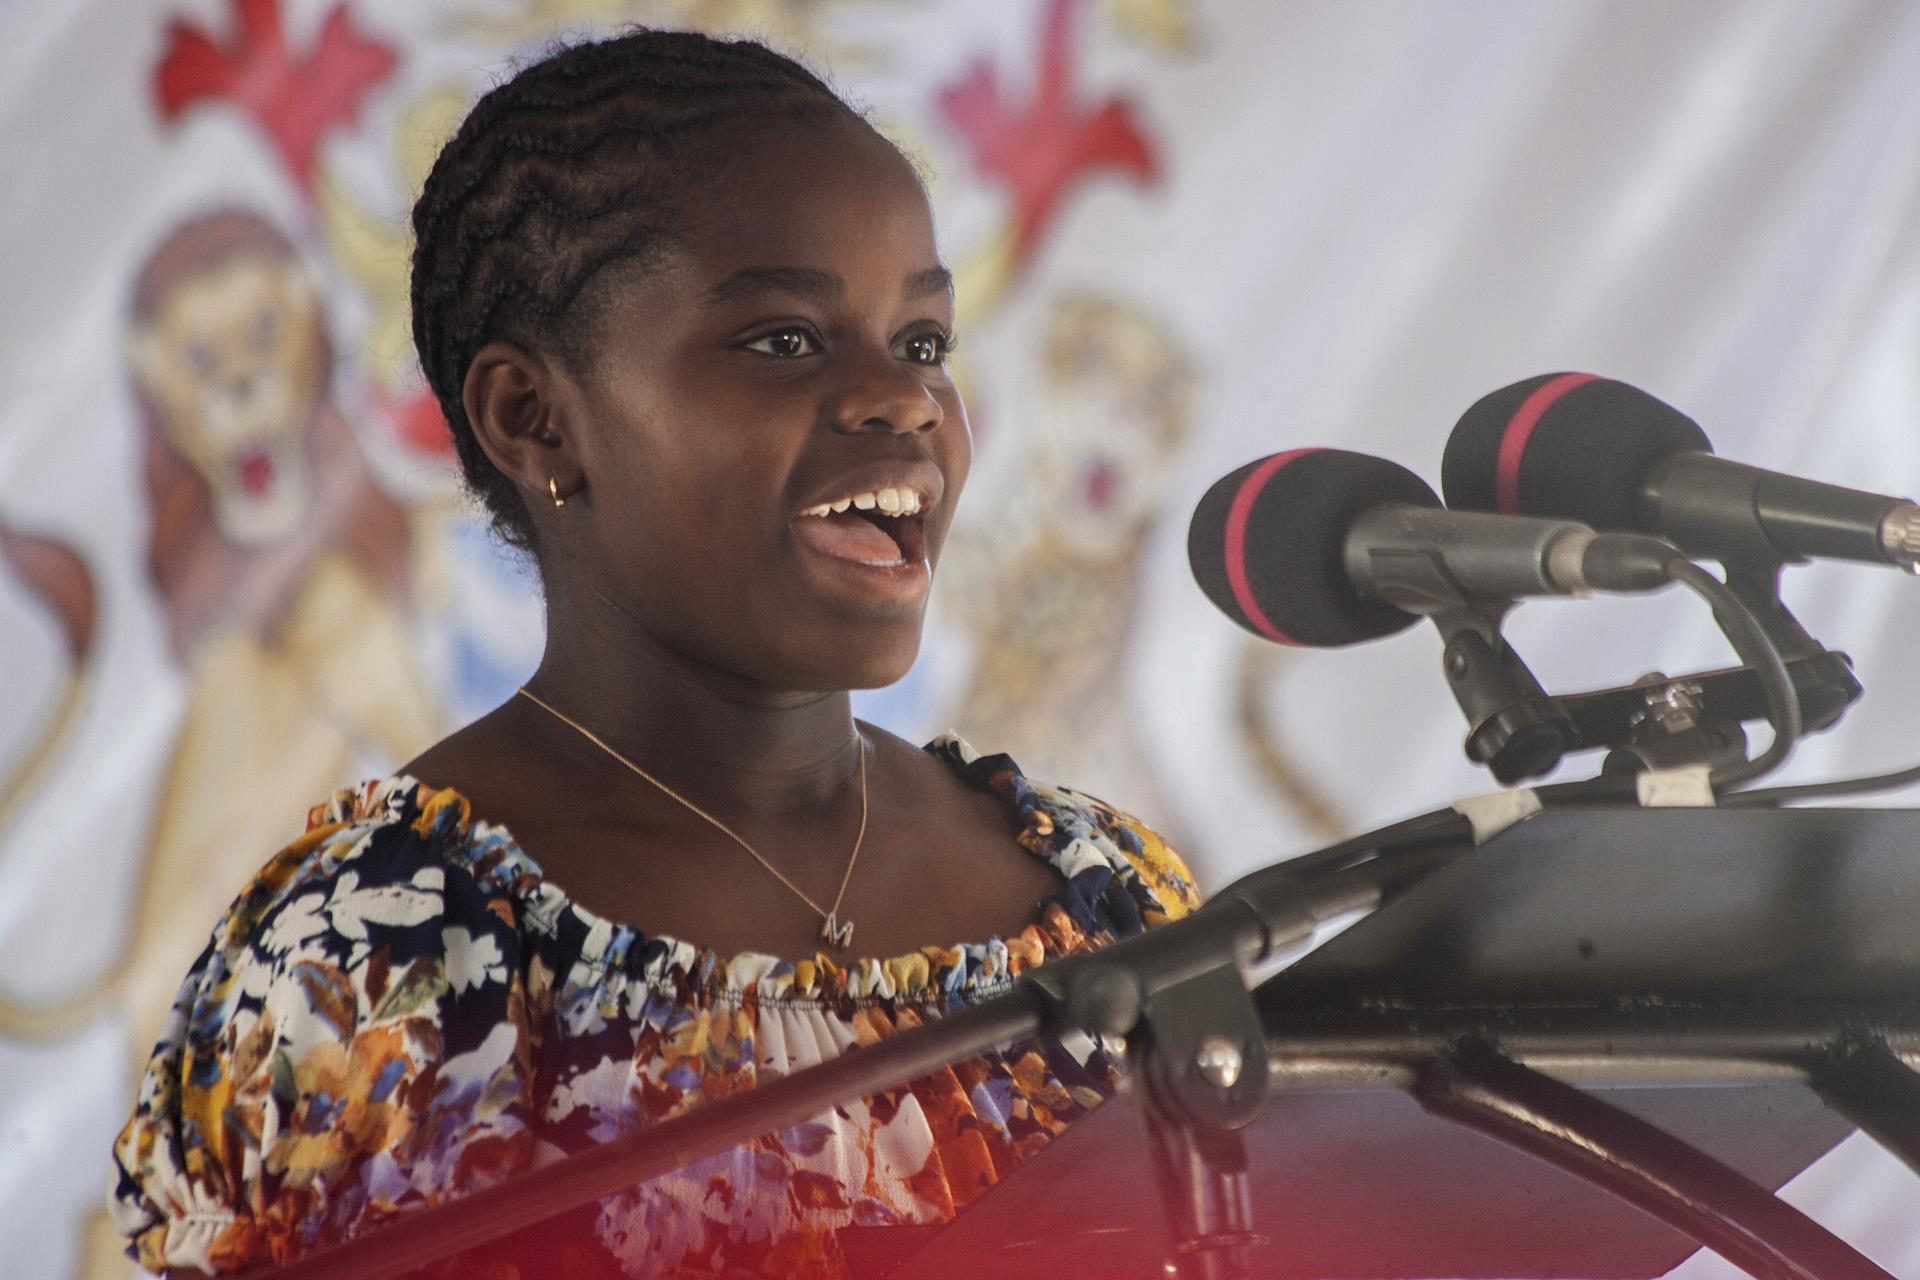 La niña durante un emotivo discurso que movilizó a su madre